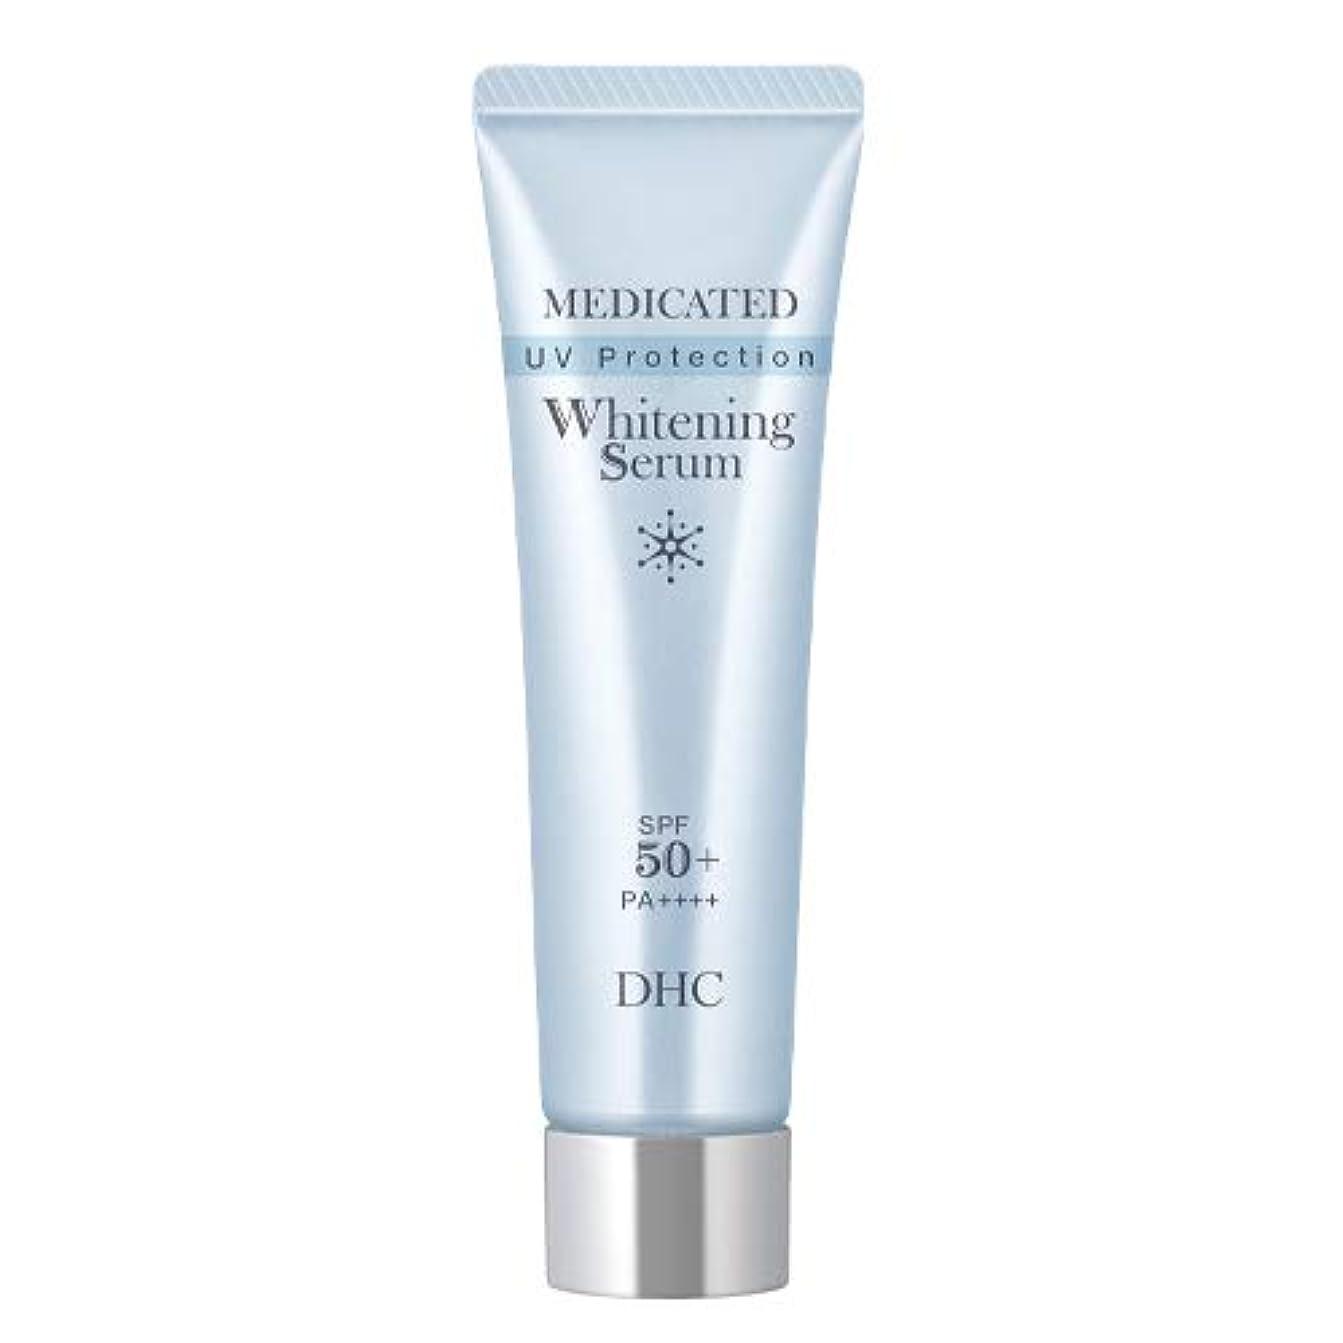 無臭完璧楕円形DHC薬用ホワイトニングセラム UV